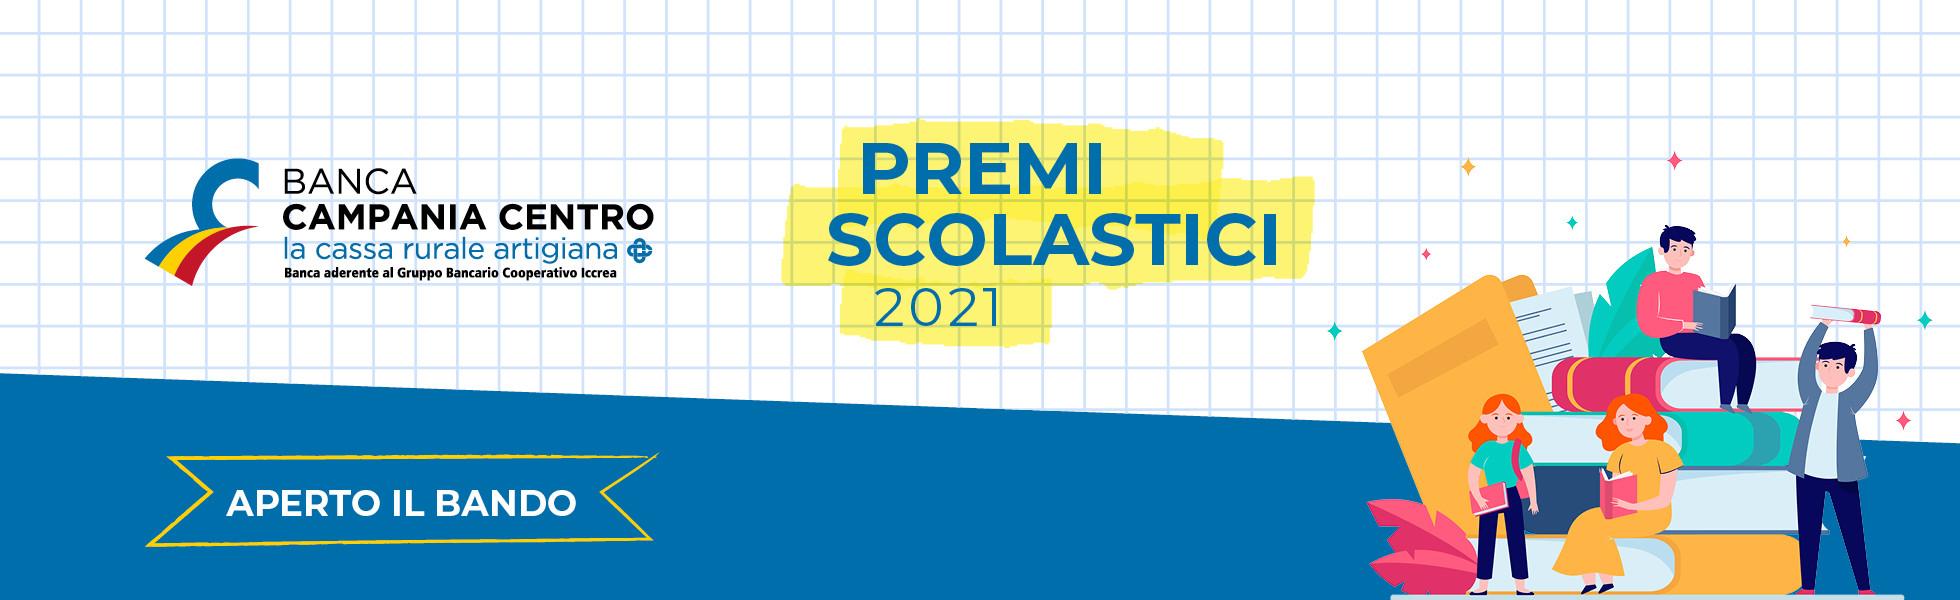 banner premi scolastici 2021 mobile